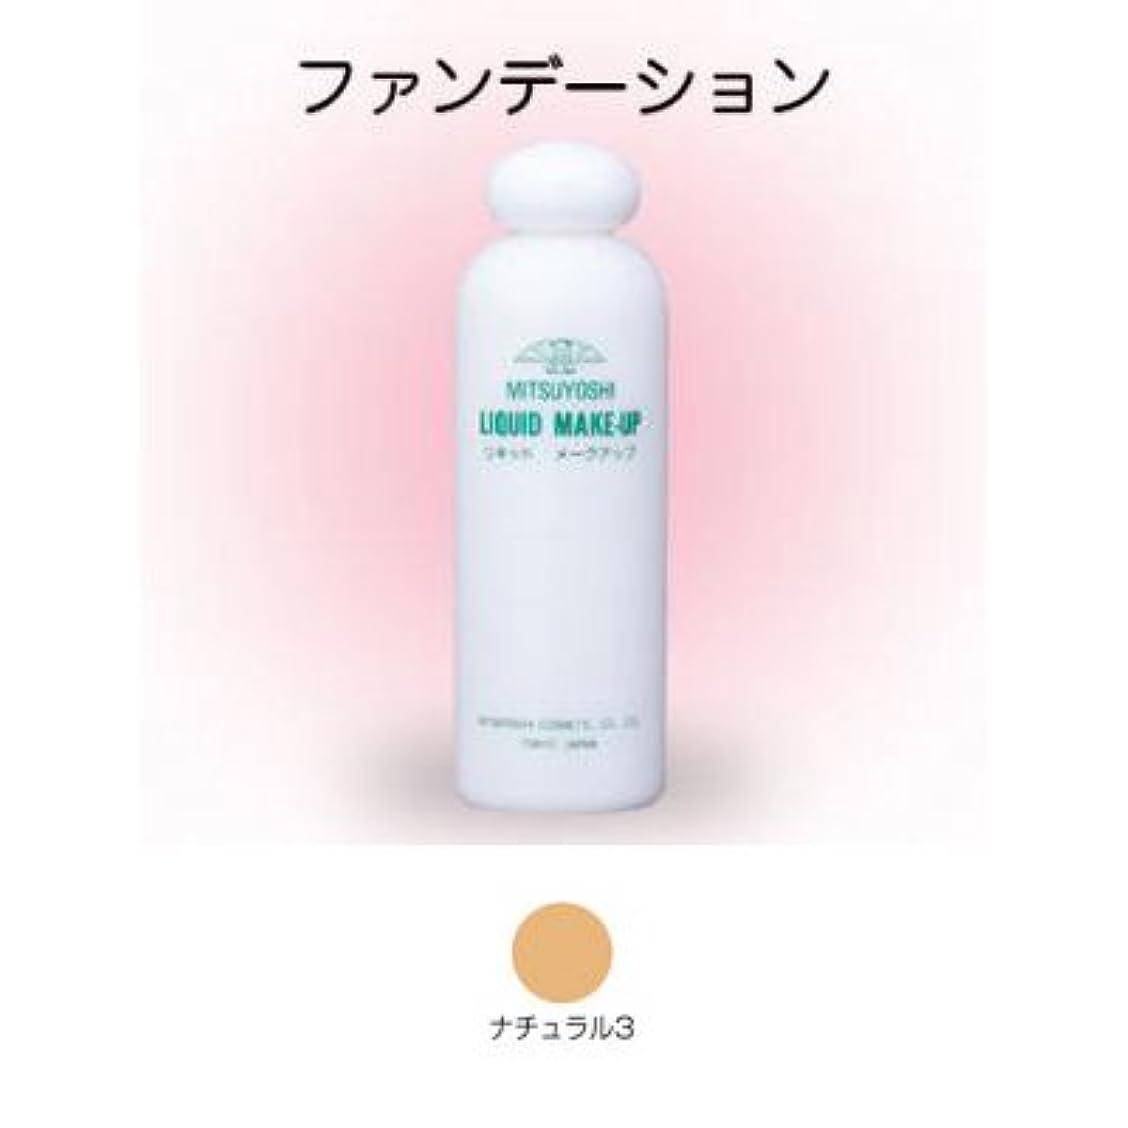 白内障想定する溶けるリキッドメークアップ 200ml ナチュラル3 【三善】